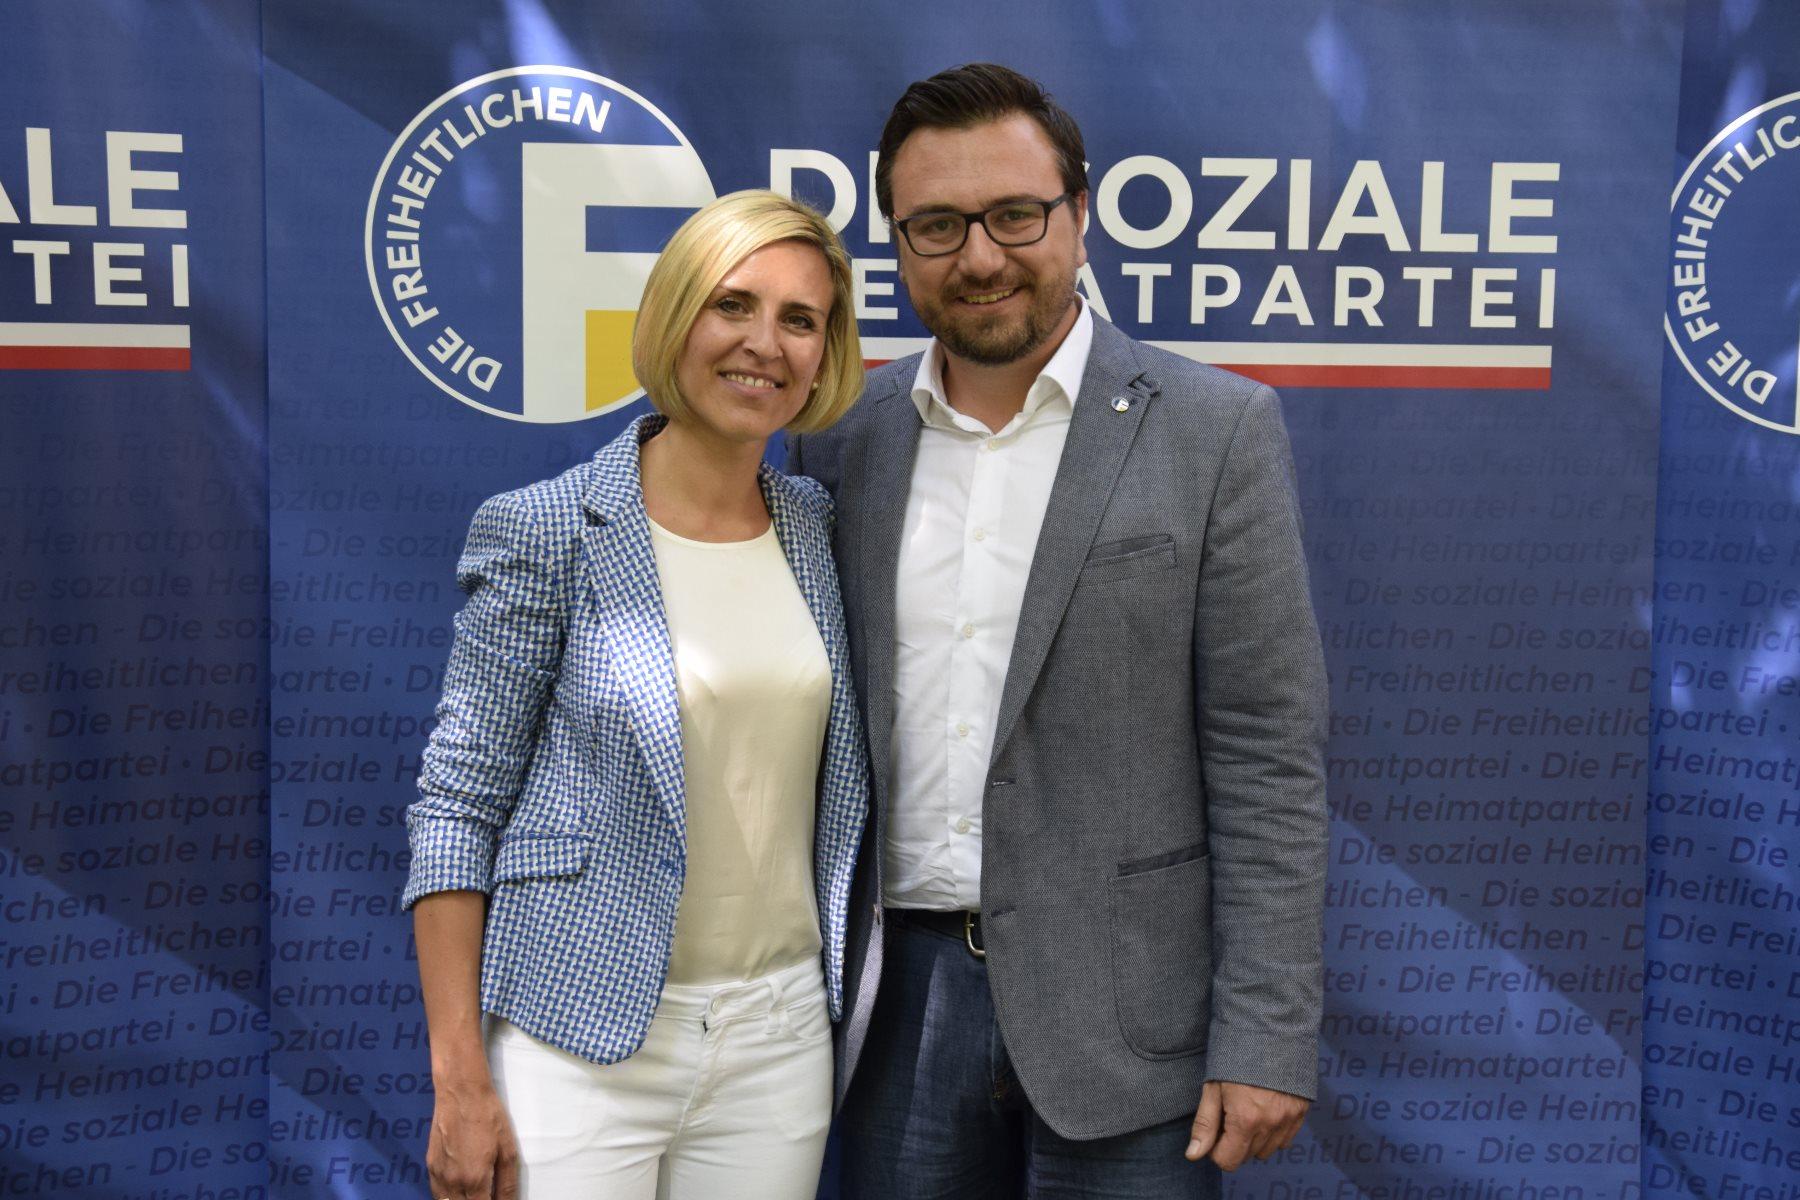 Anna Pitarelli als Kandidatin vorgestellt